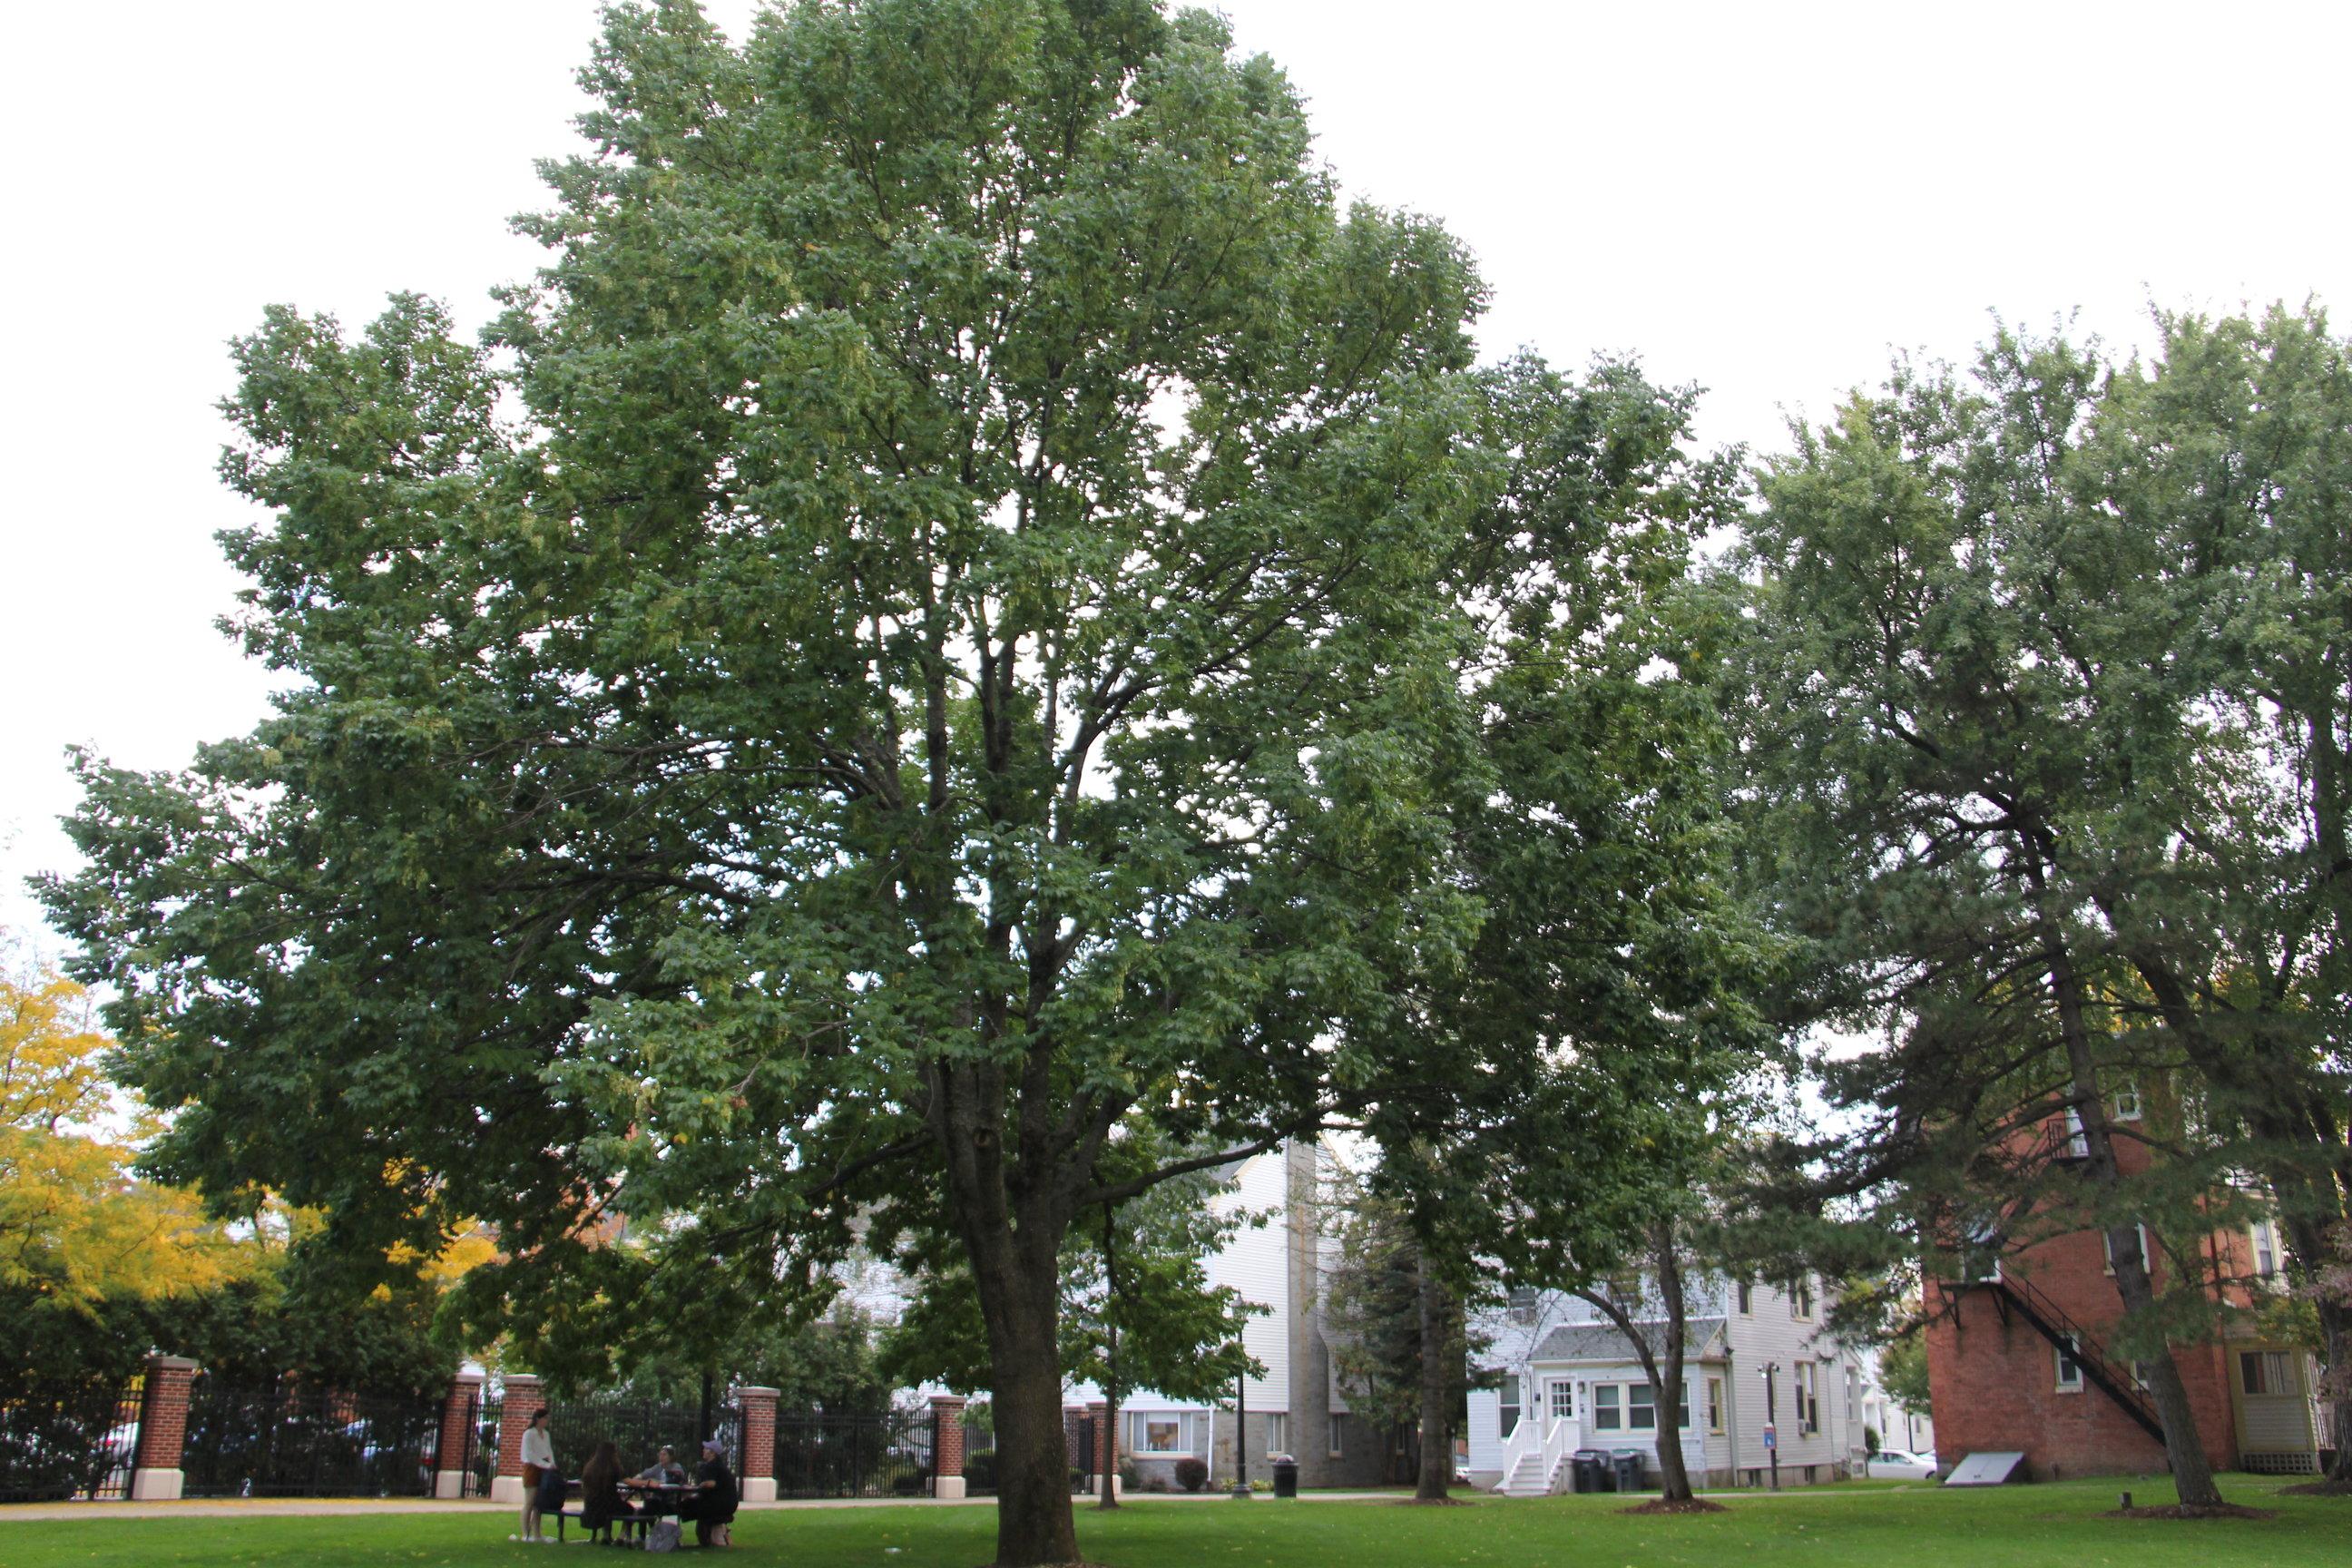 Saint Rose campus featuring trees